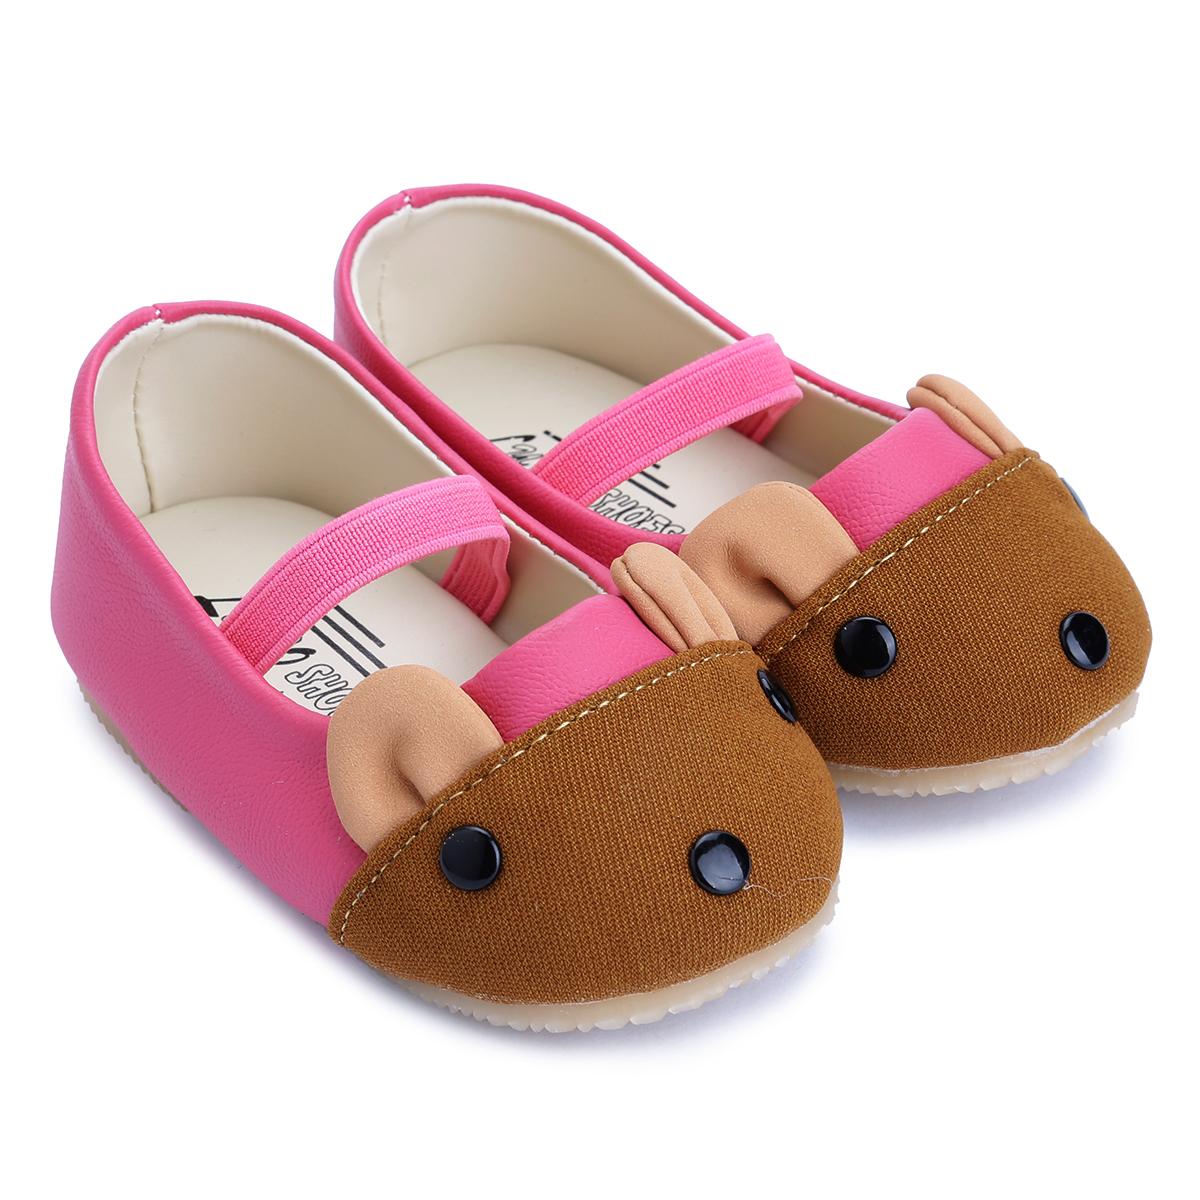 Giày Búp Bê Bé Gái Mouse Lubo BBMHS - Hồng Sen